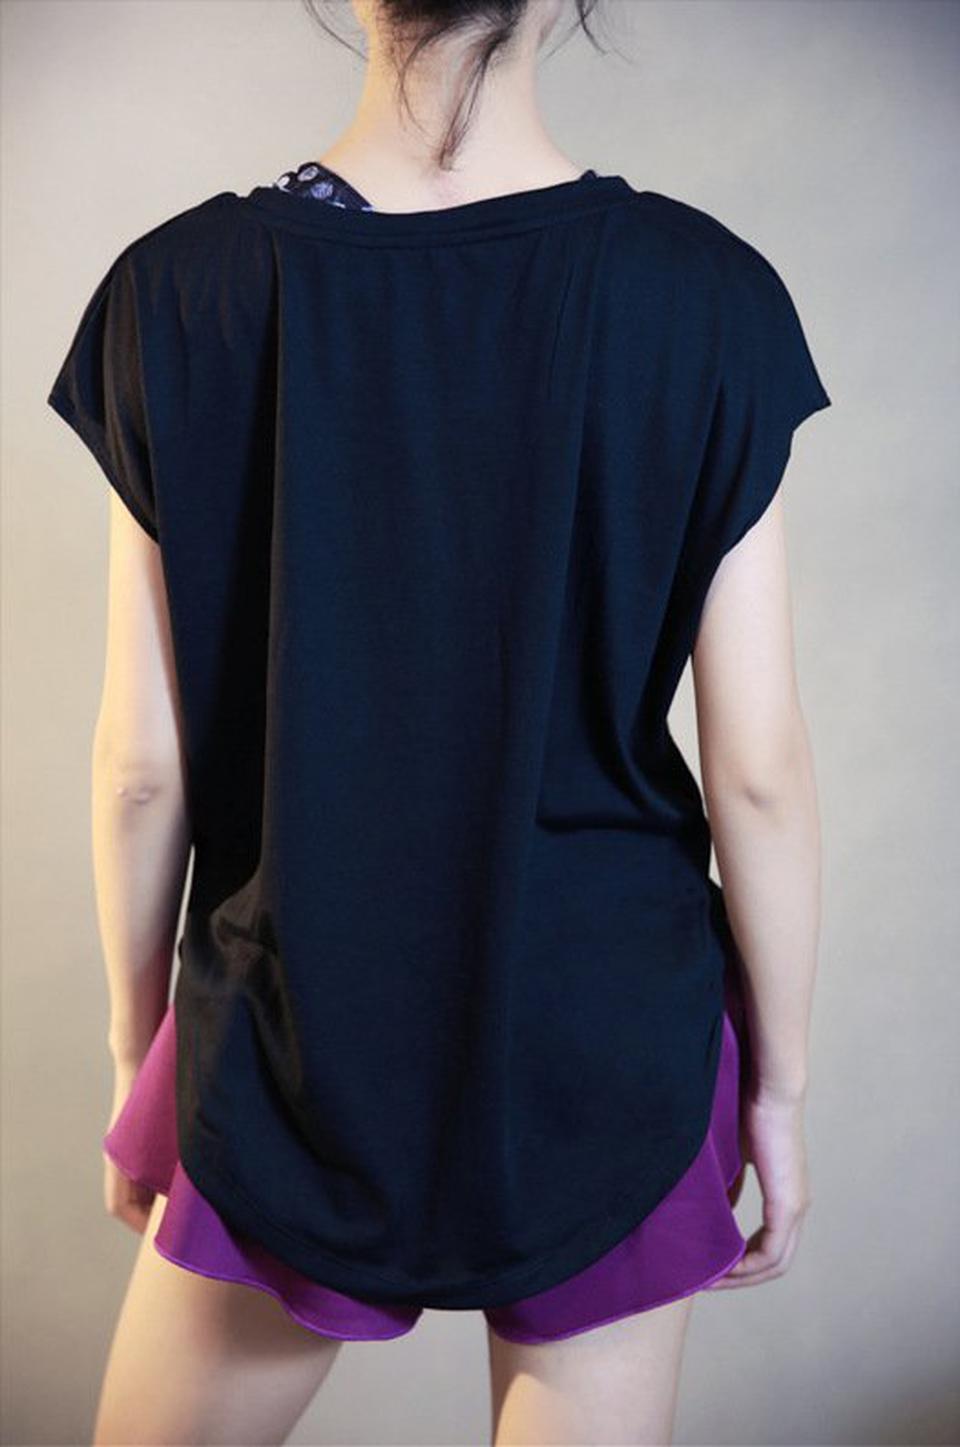 ชุดออกกำลังกายผู้หญิง เสื้อกีฬาผู้หญิง ใส่สบาย ระบายความร้อนได้ดี (สีดำ) รูปที่ 3